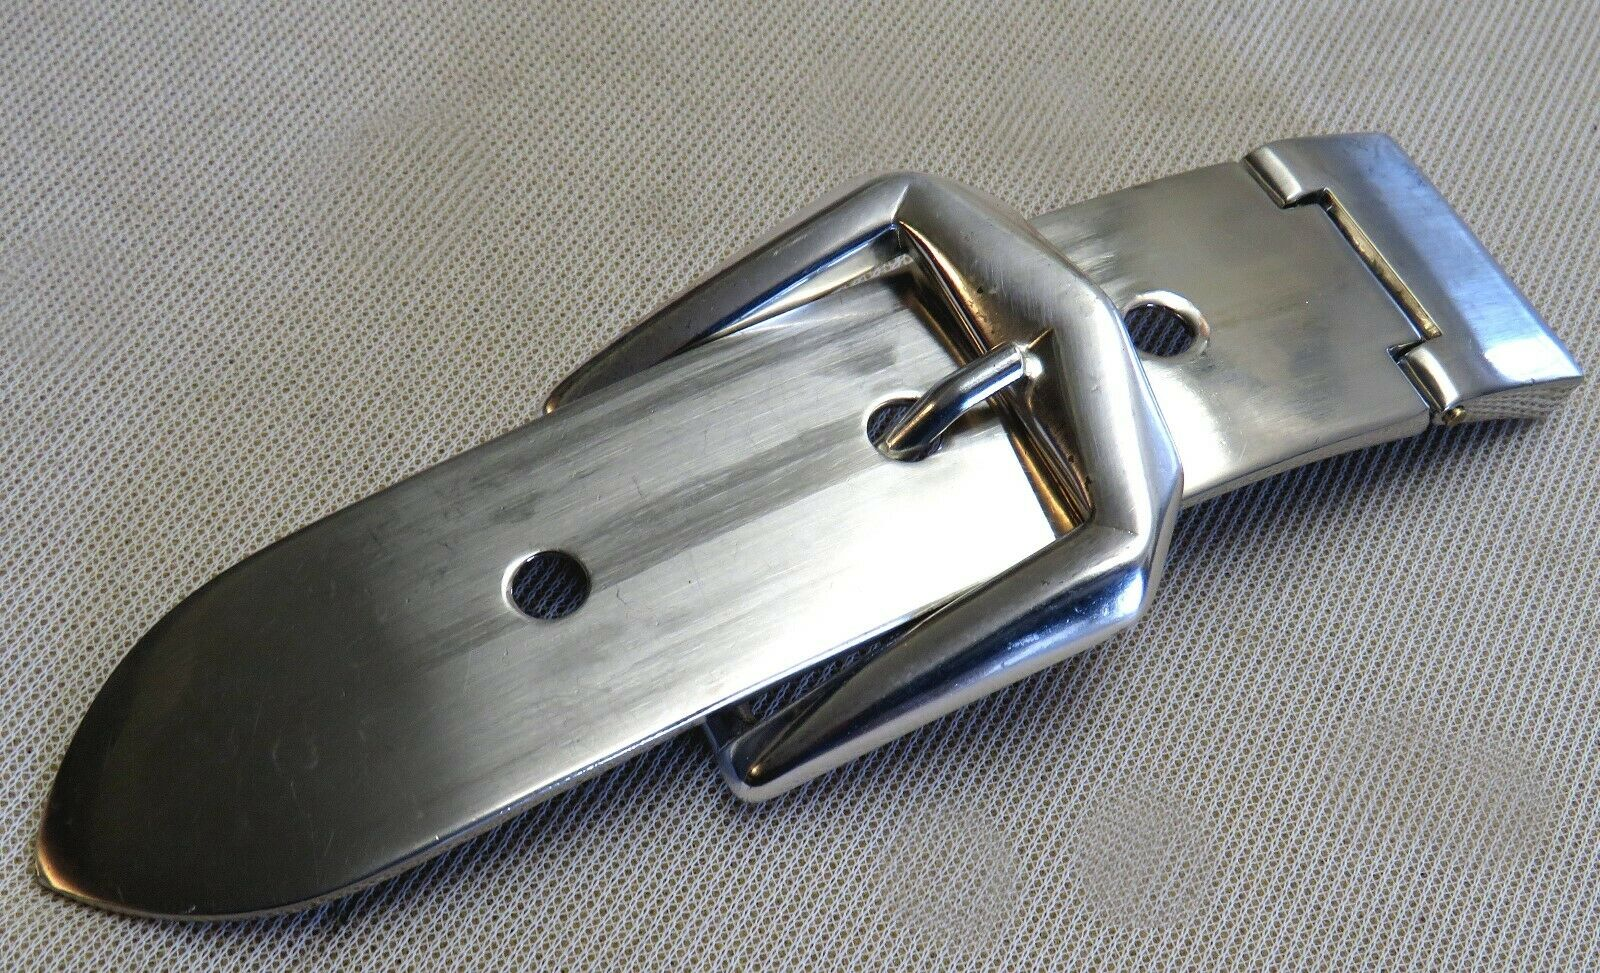 Gürtelschnalle + SPITZE passend f. 3cm breite GÜRTEL Mattsilber METALL Exklusiv#